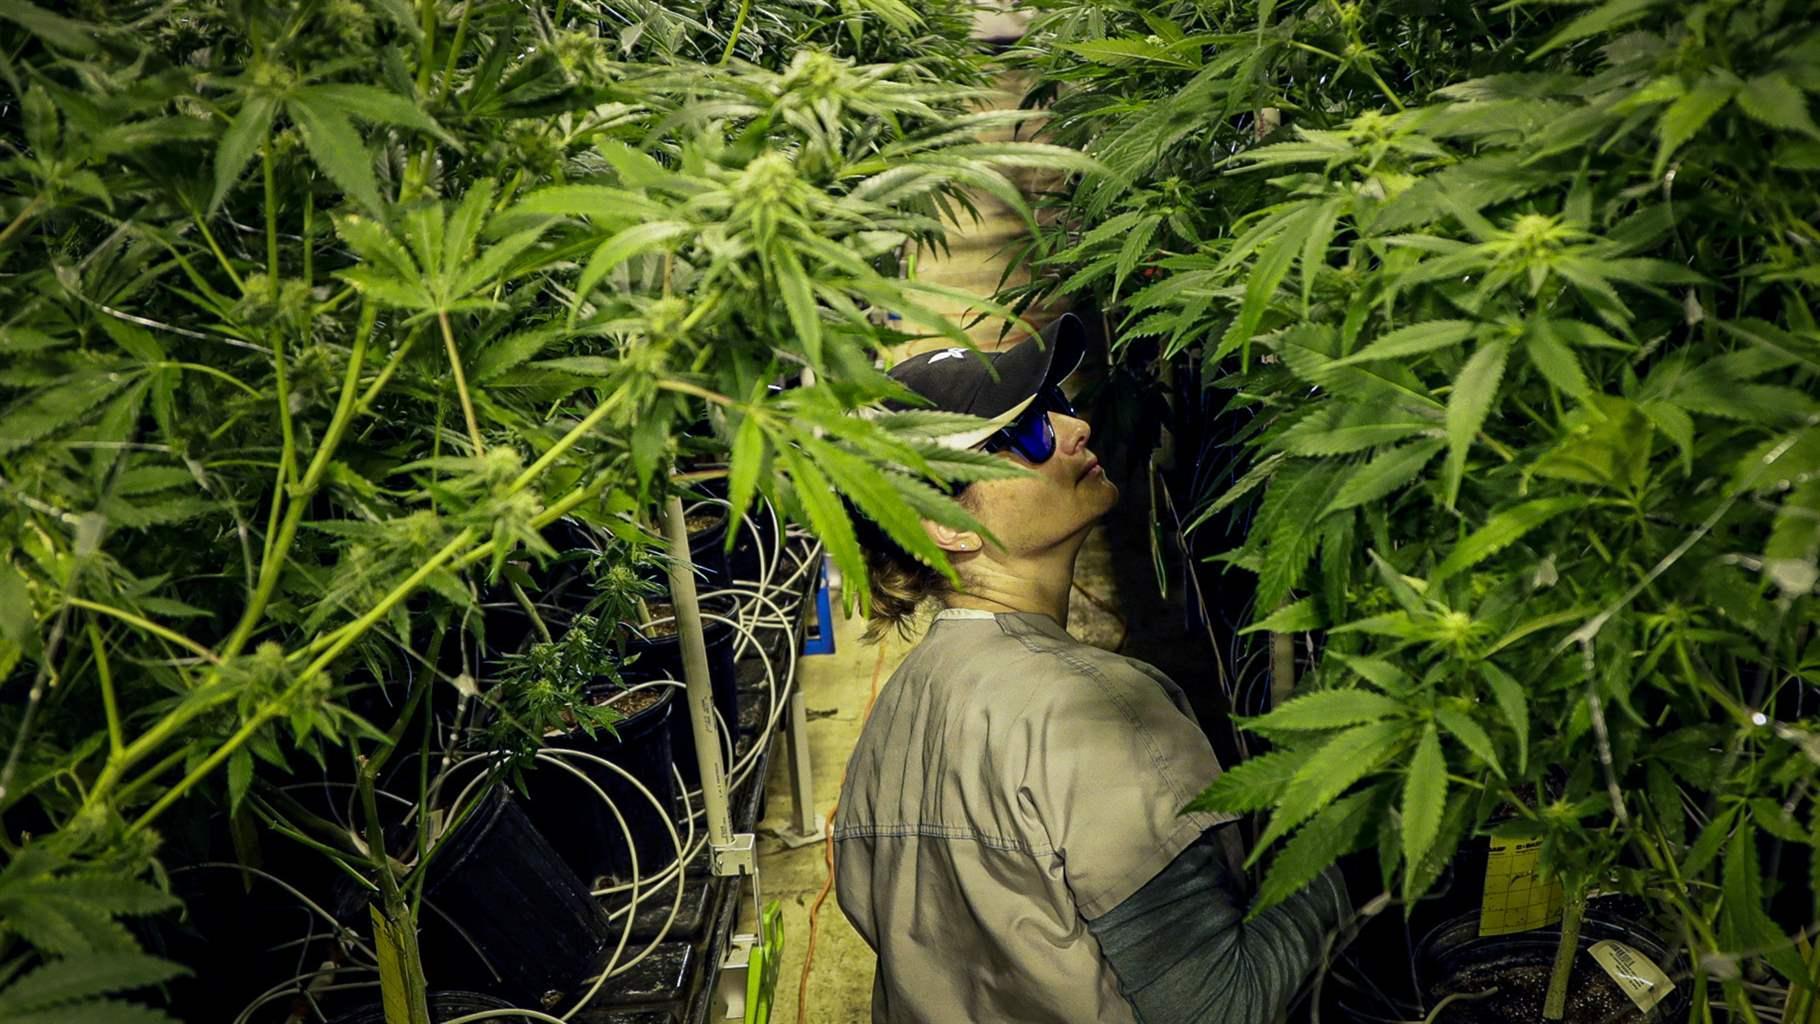 Buy marijuana London